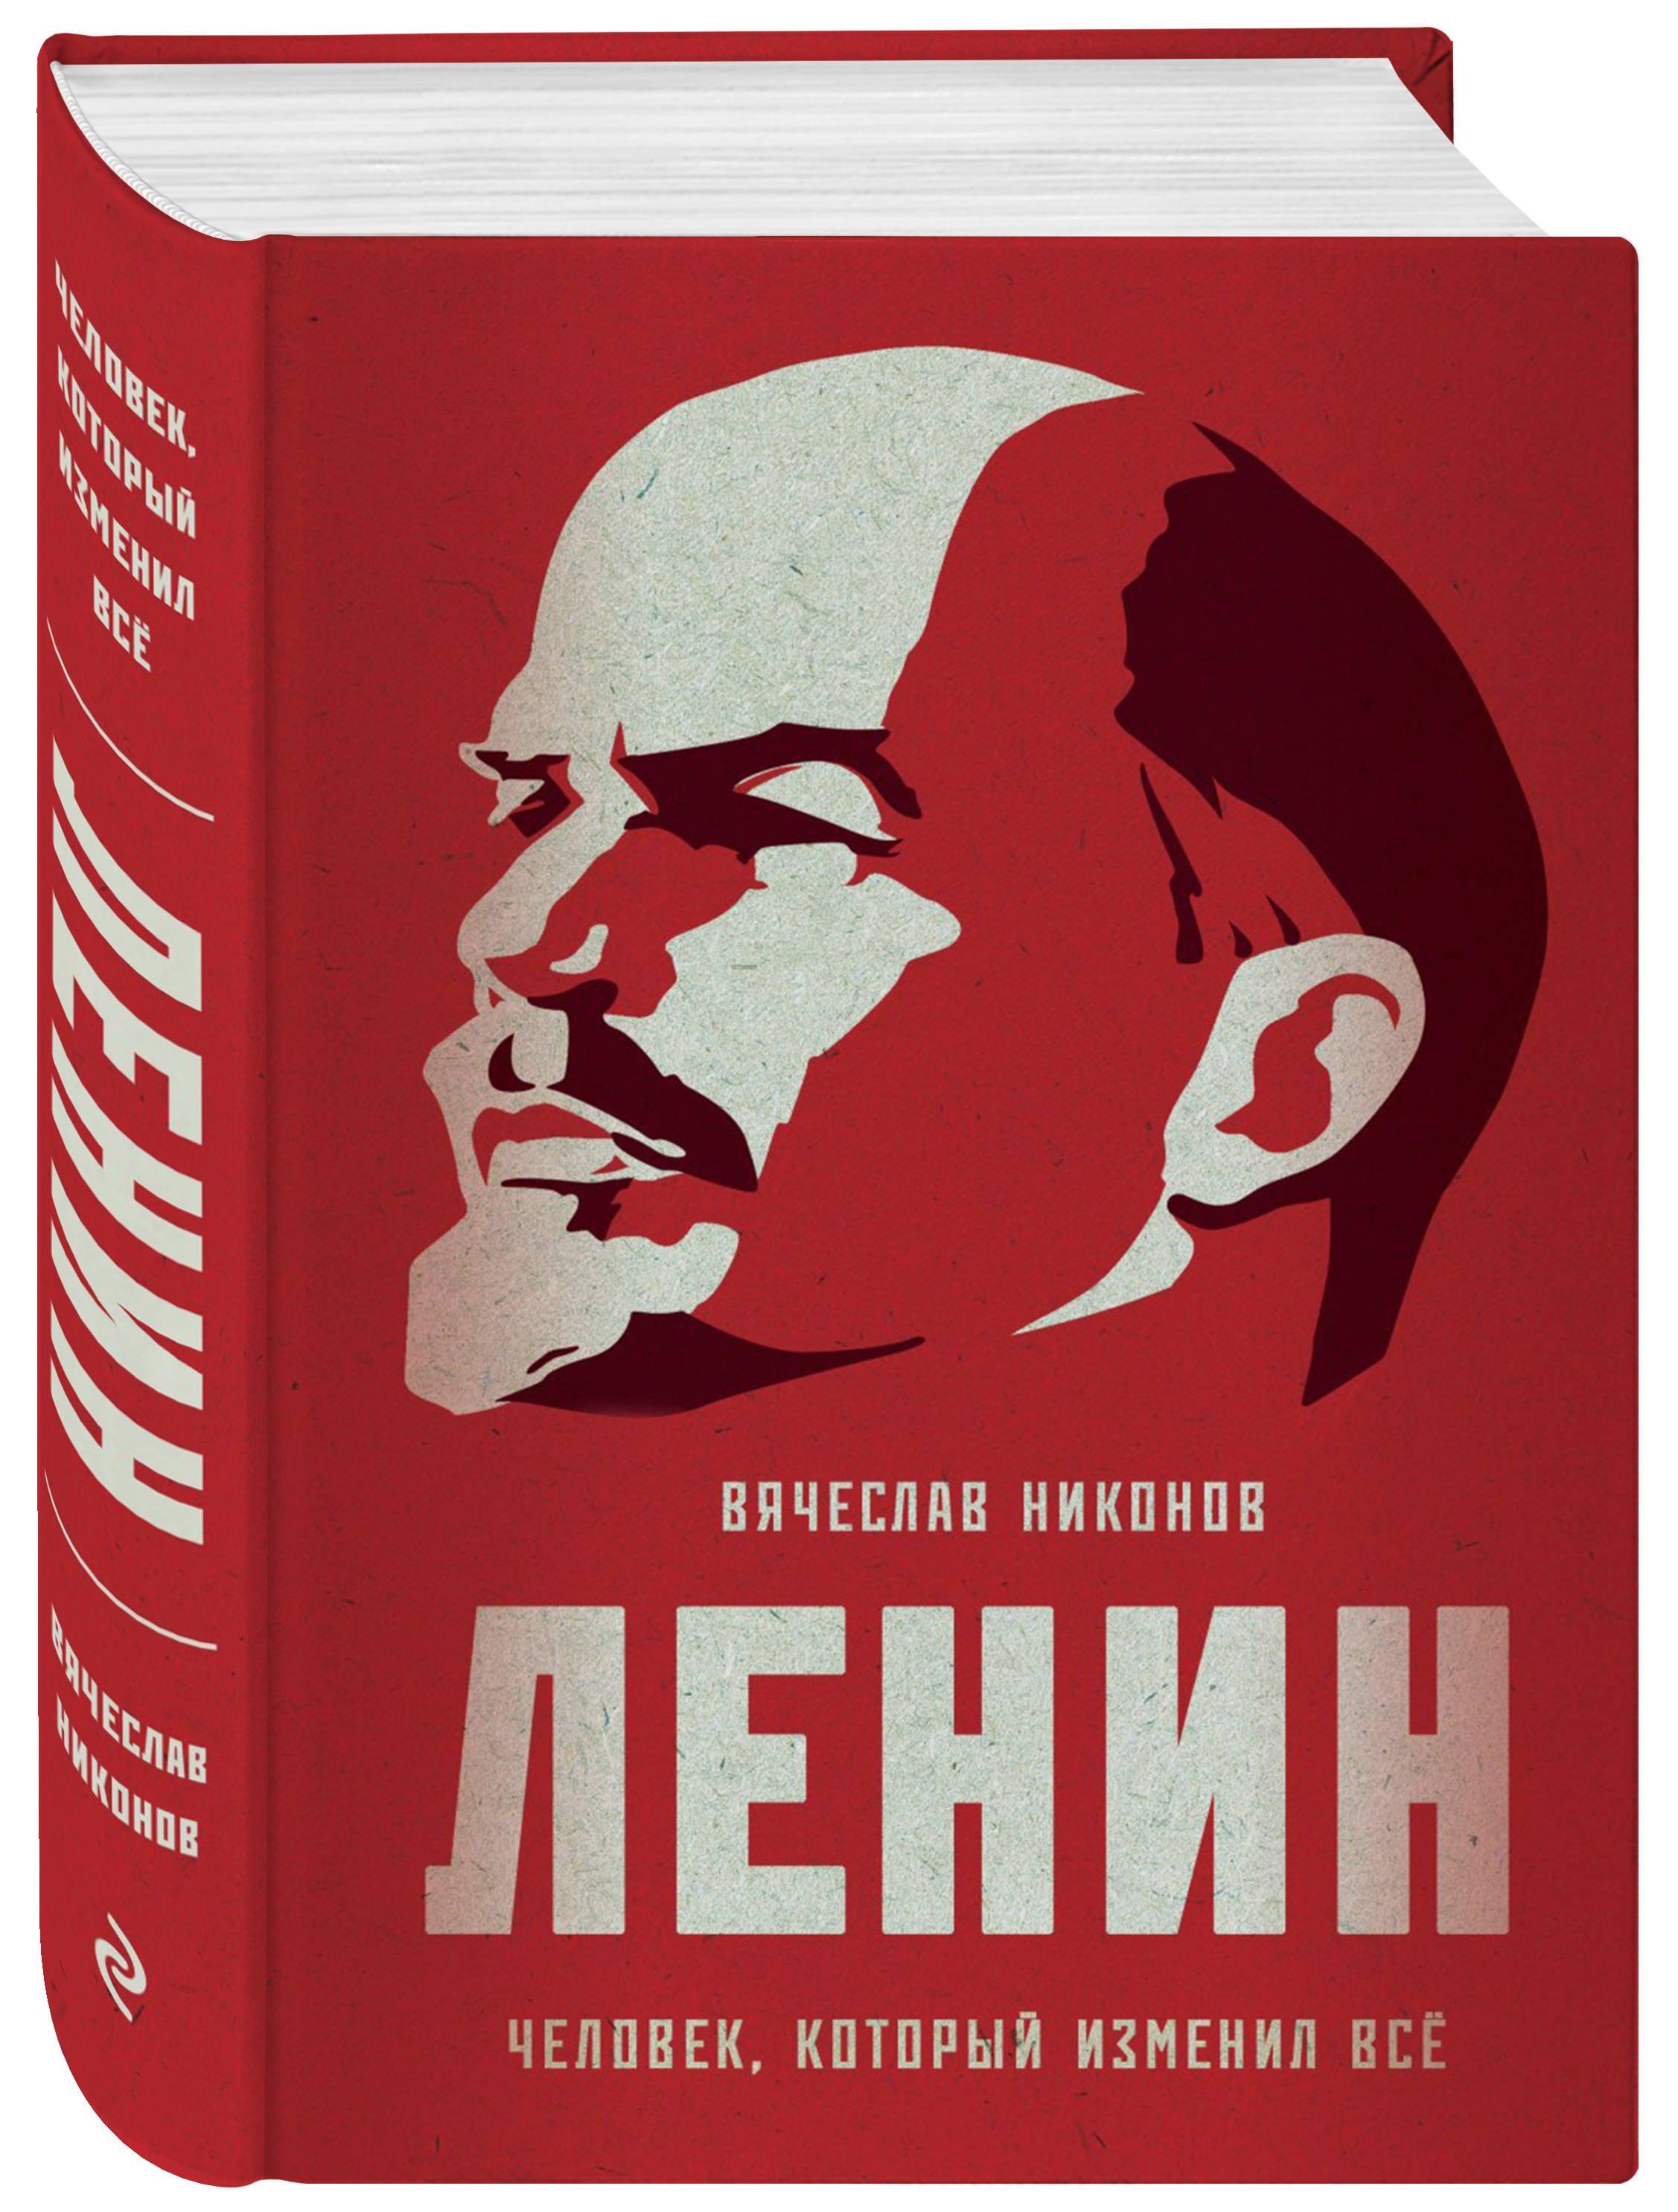 Ленин. Человек, который изменил все  (с автографом) ( Вячеслав Никонов  )